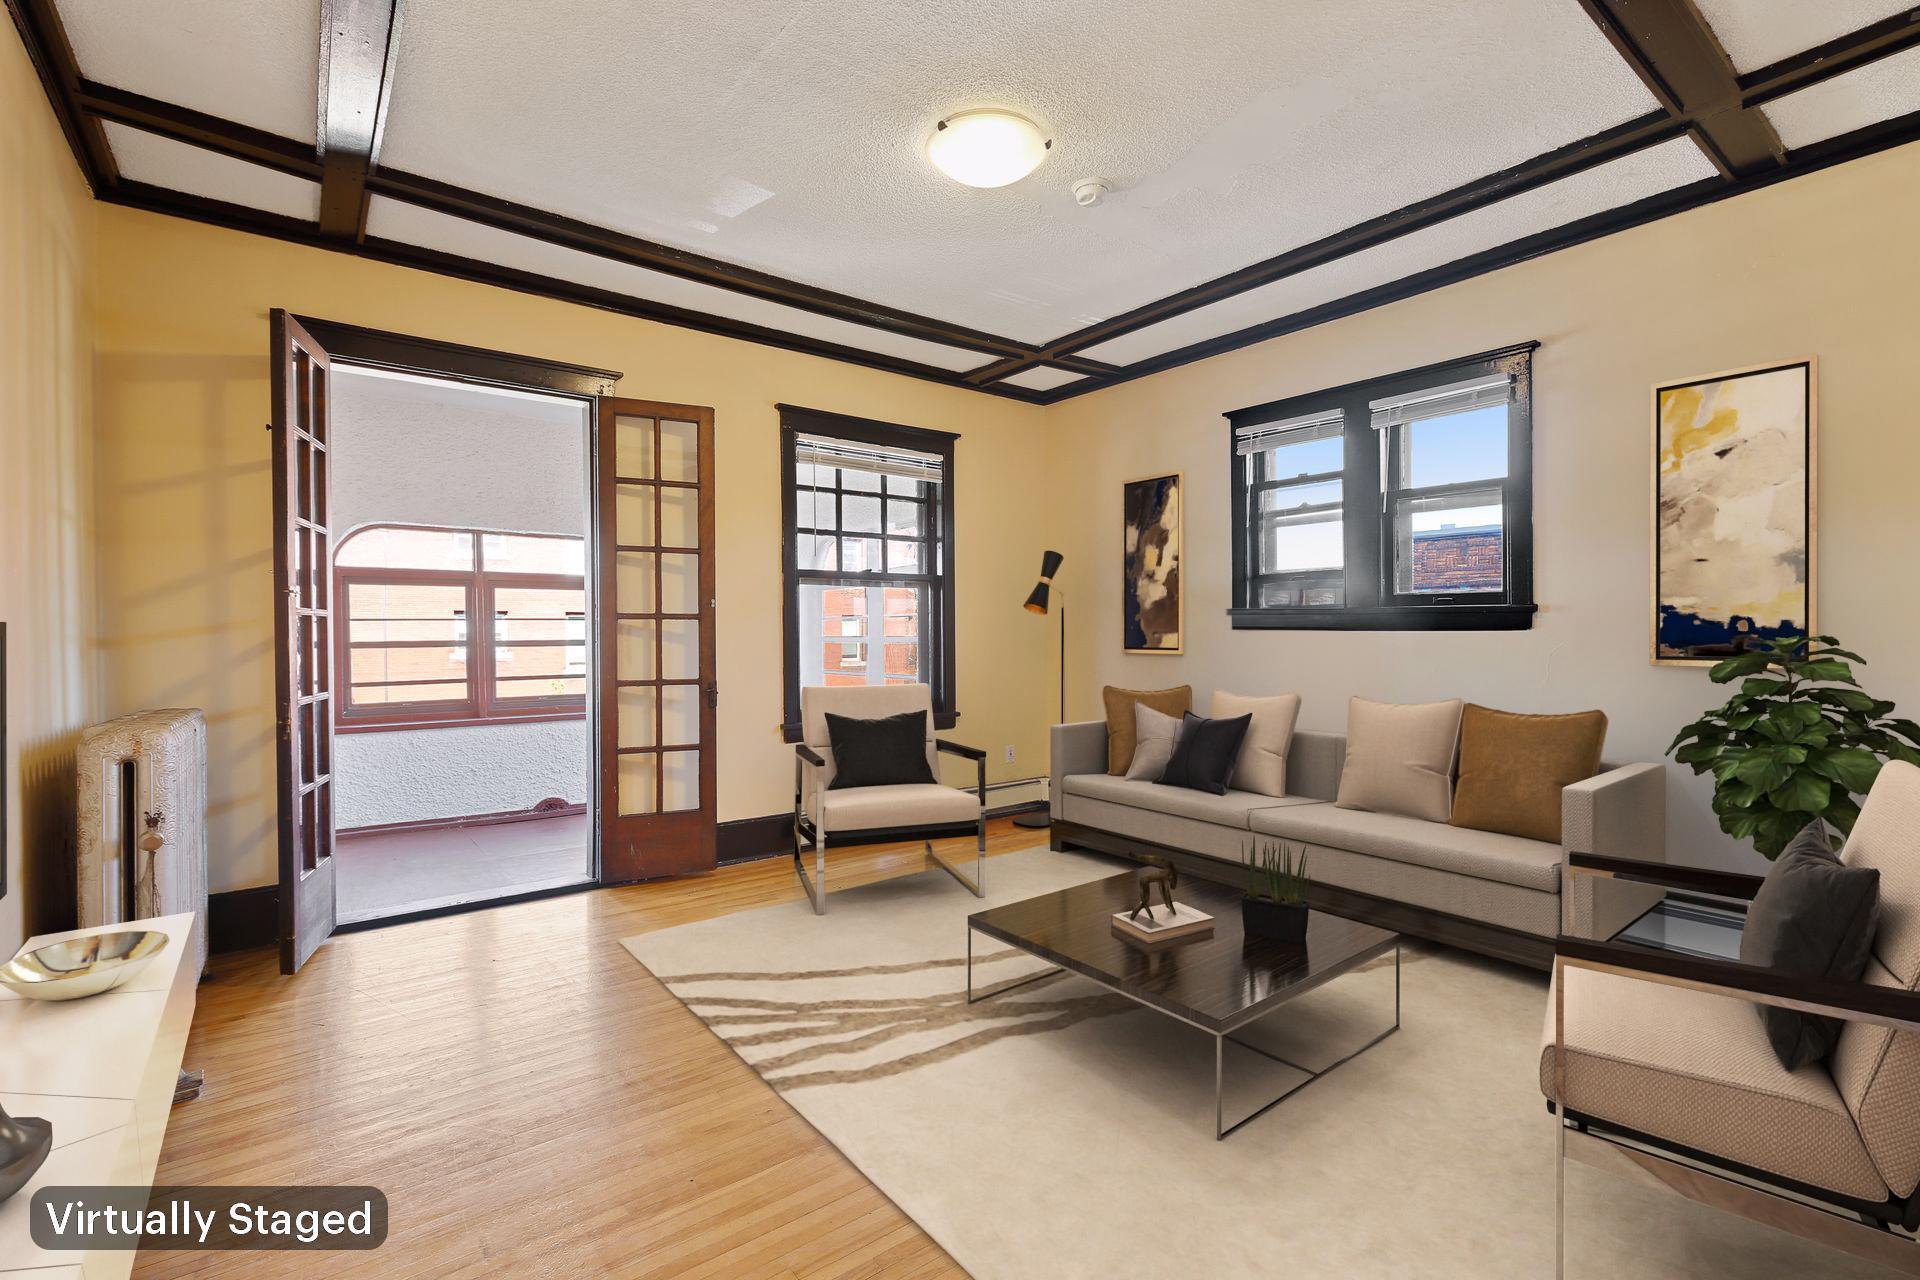 2641 Girard Real Estate Listings Main Image